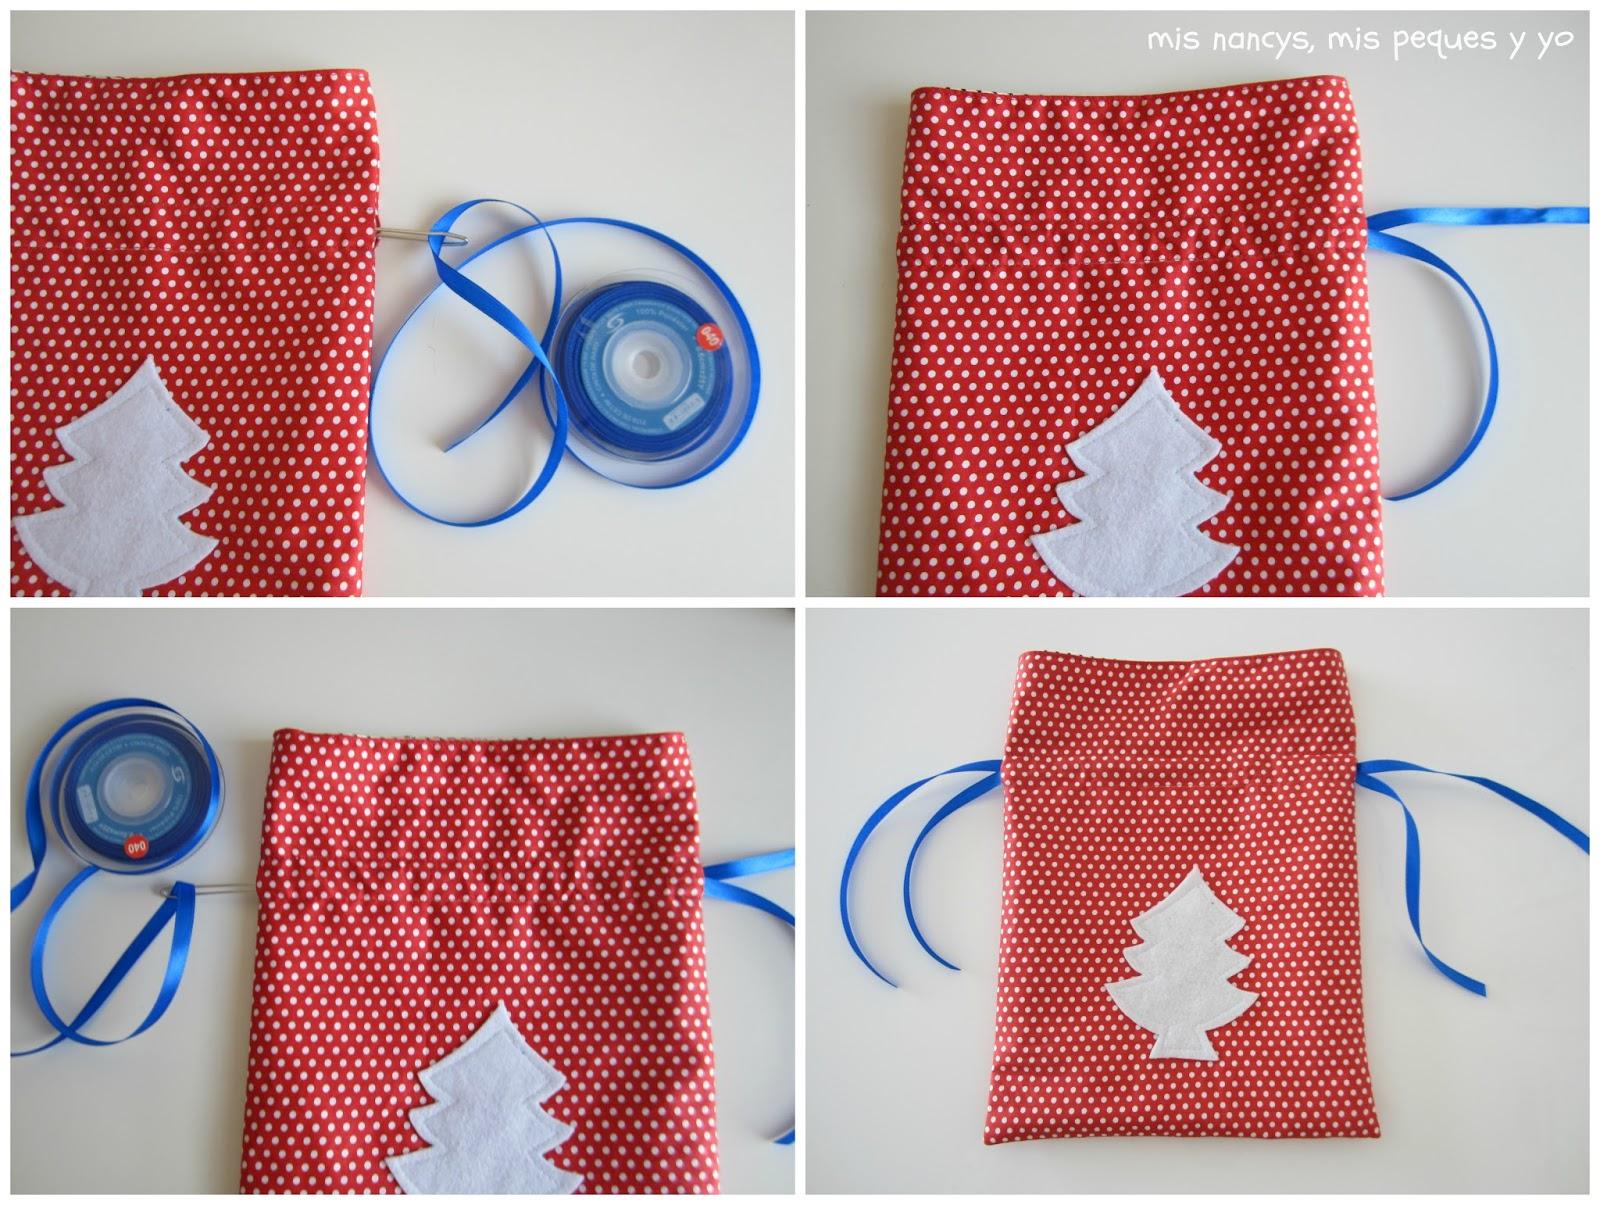 mis nancys, mis peques y yo, tutorial bolsitas de Navidad reversibles, pasar una cinta